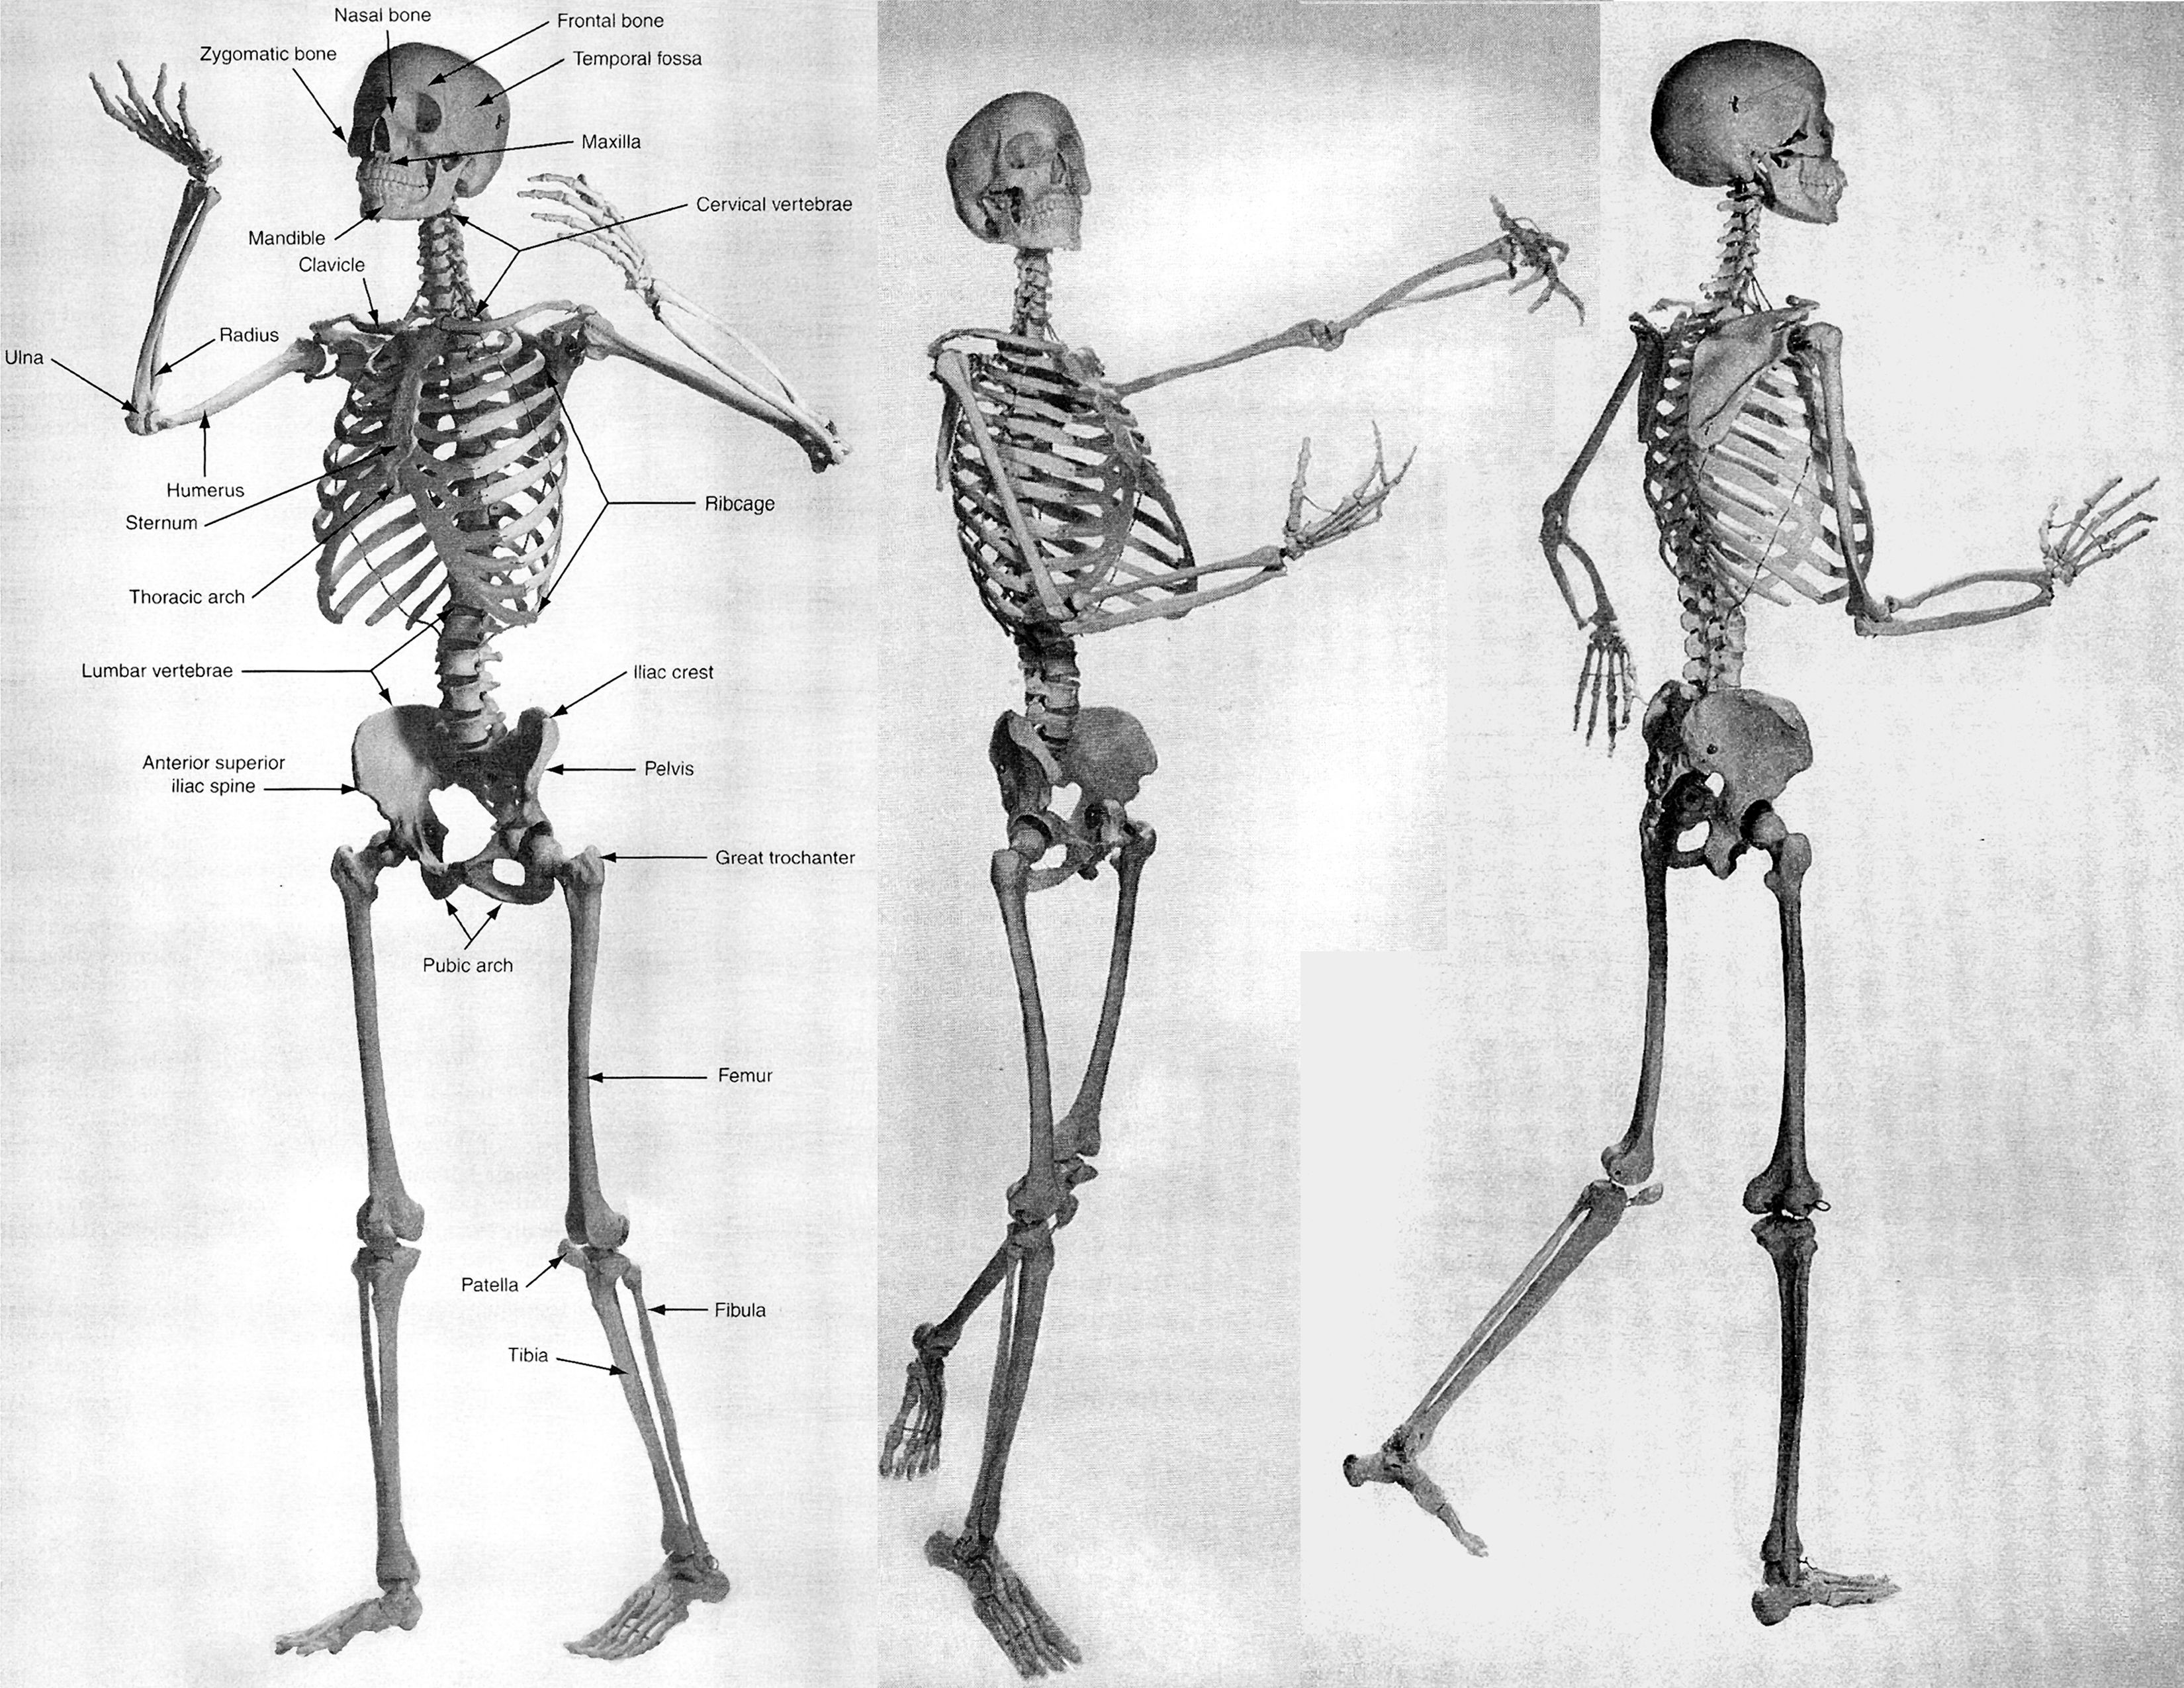 hight resolution of full skeleton diagram jpg 3300 2550 skeleton system human